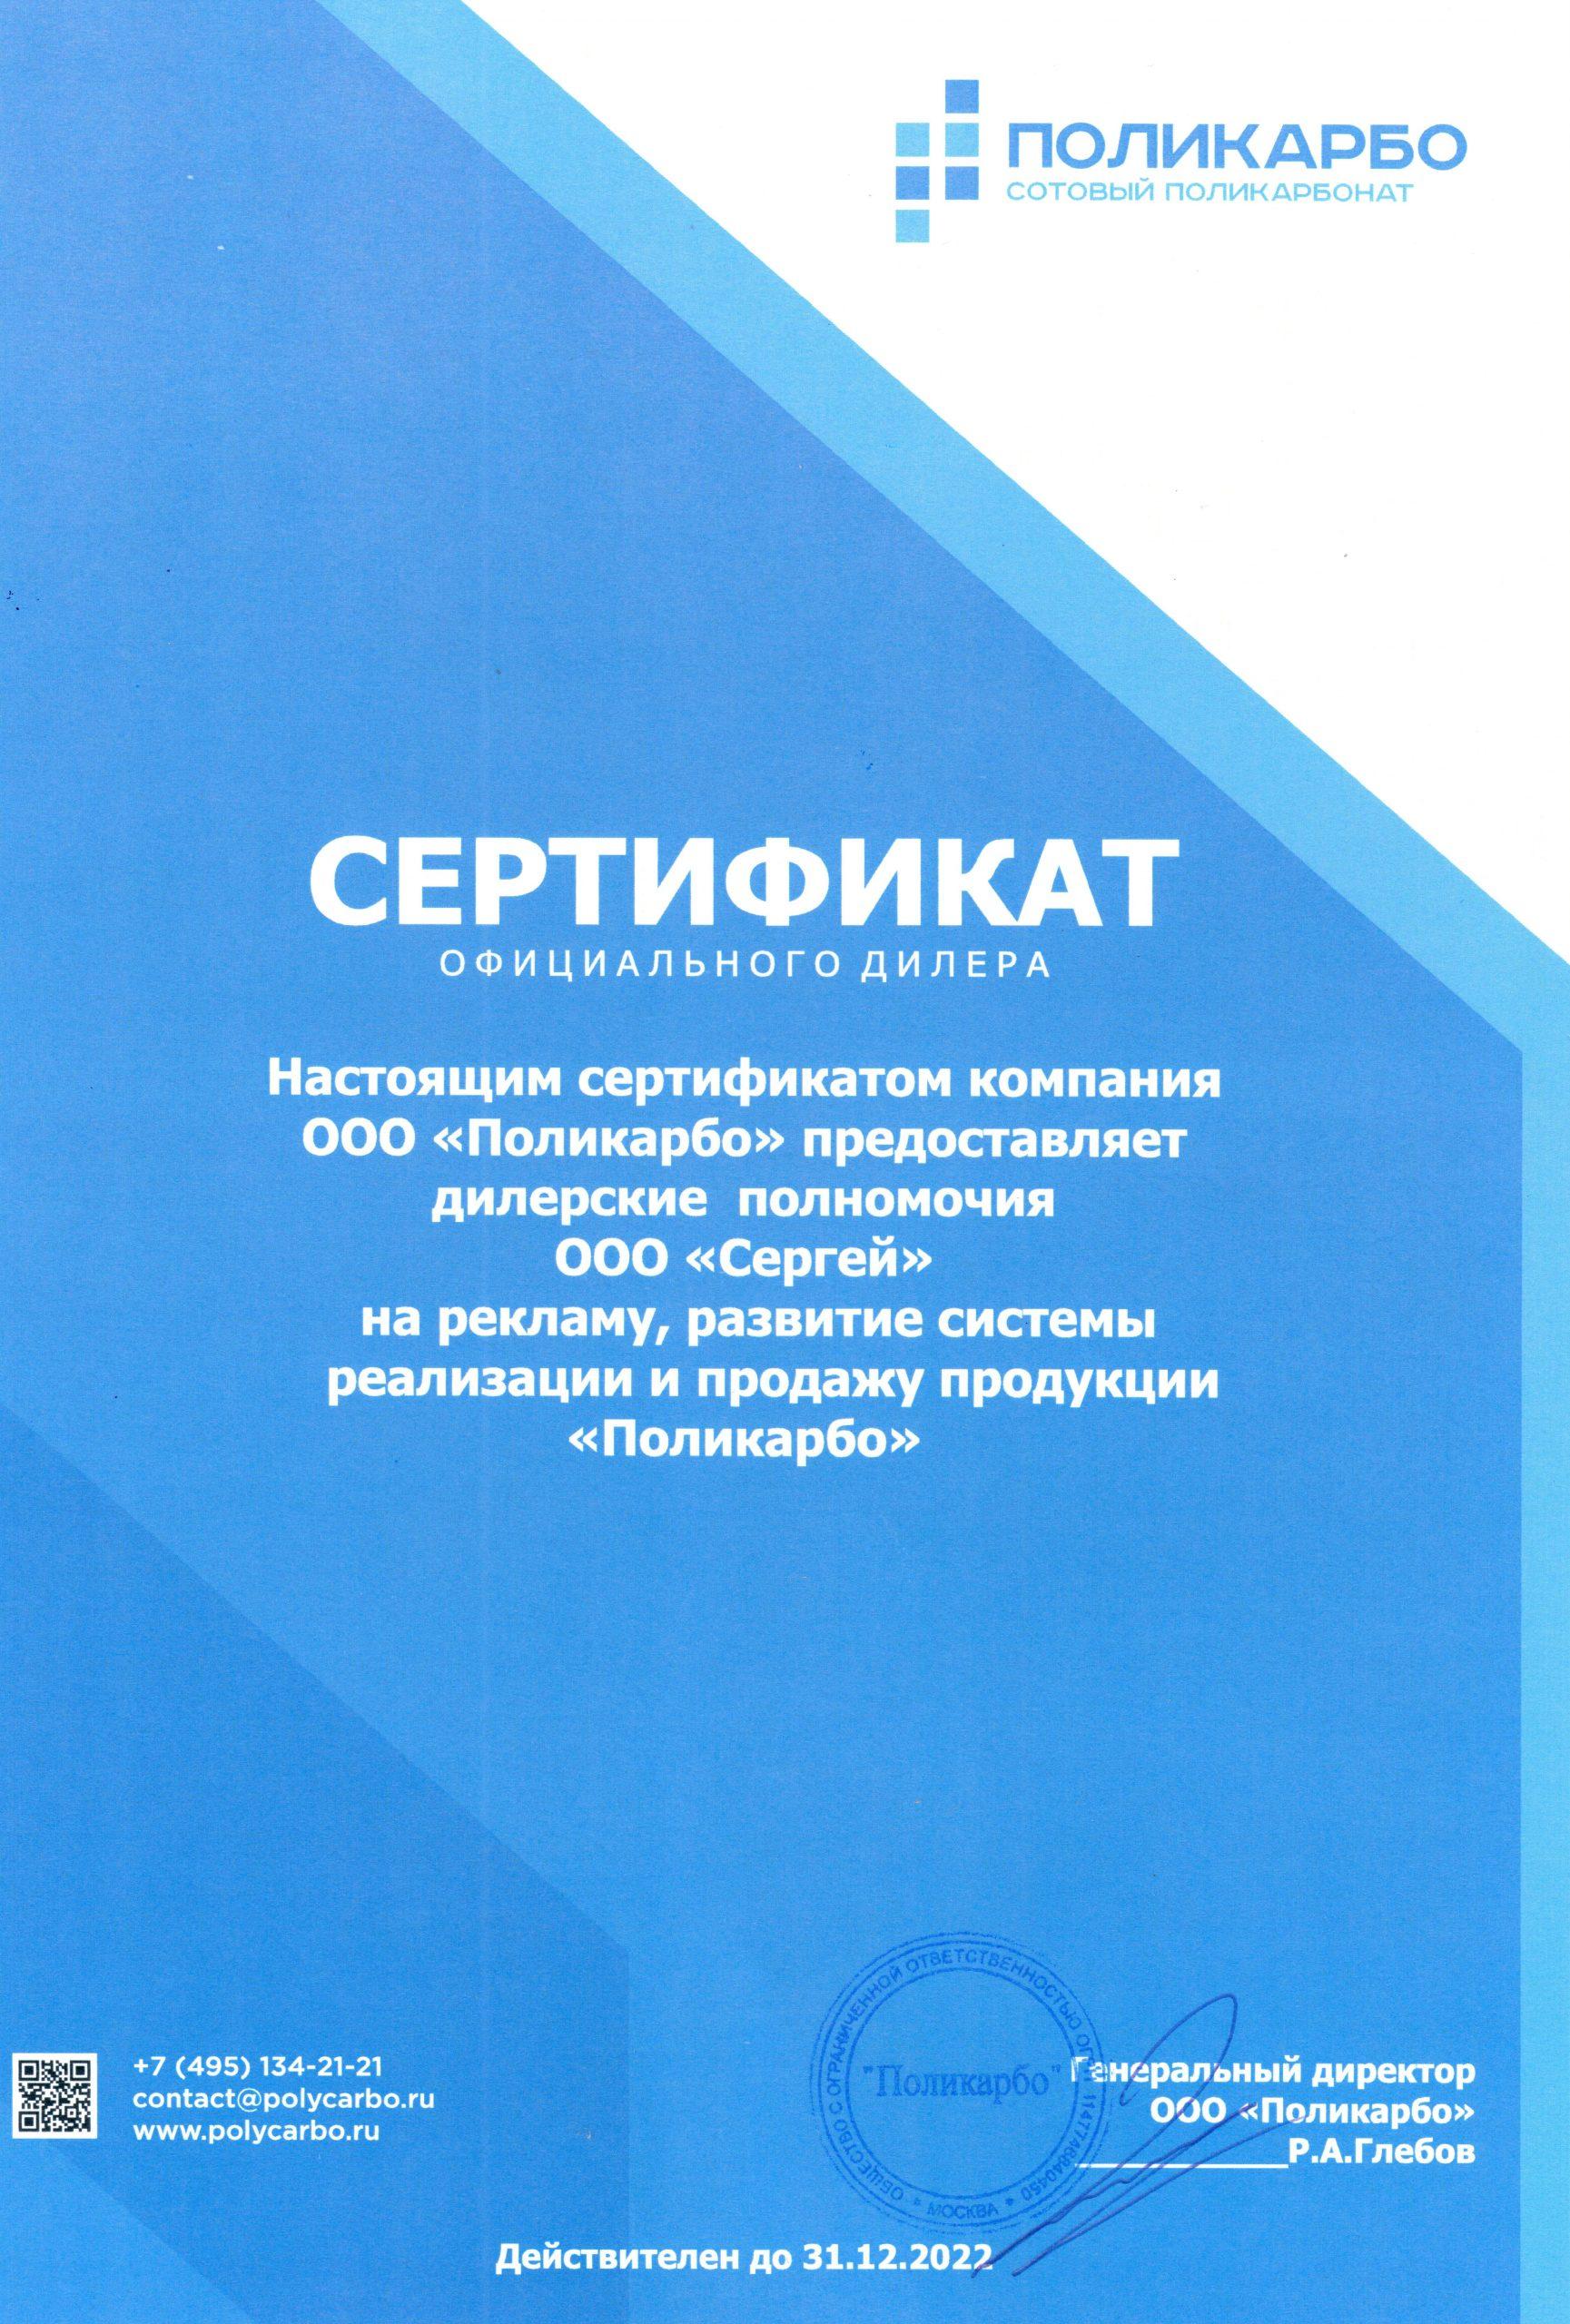 Сертификат дилерства ООО